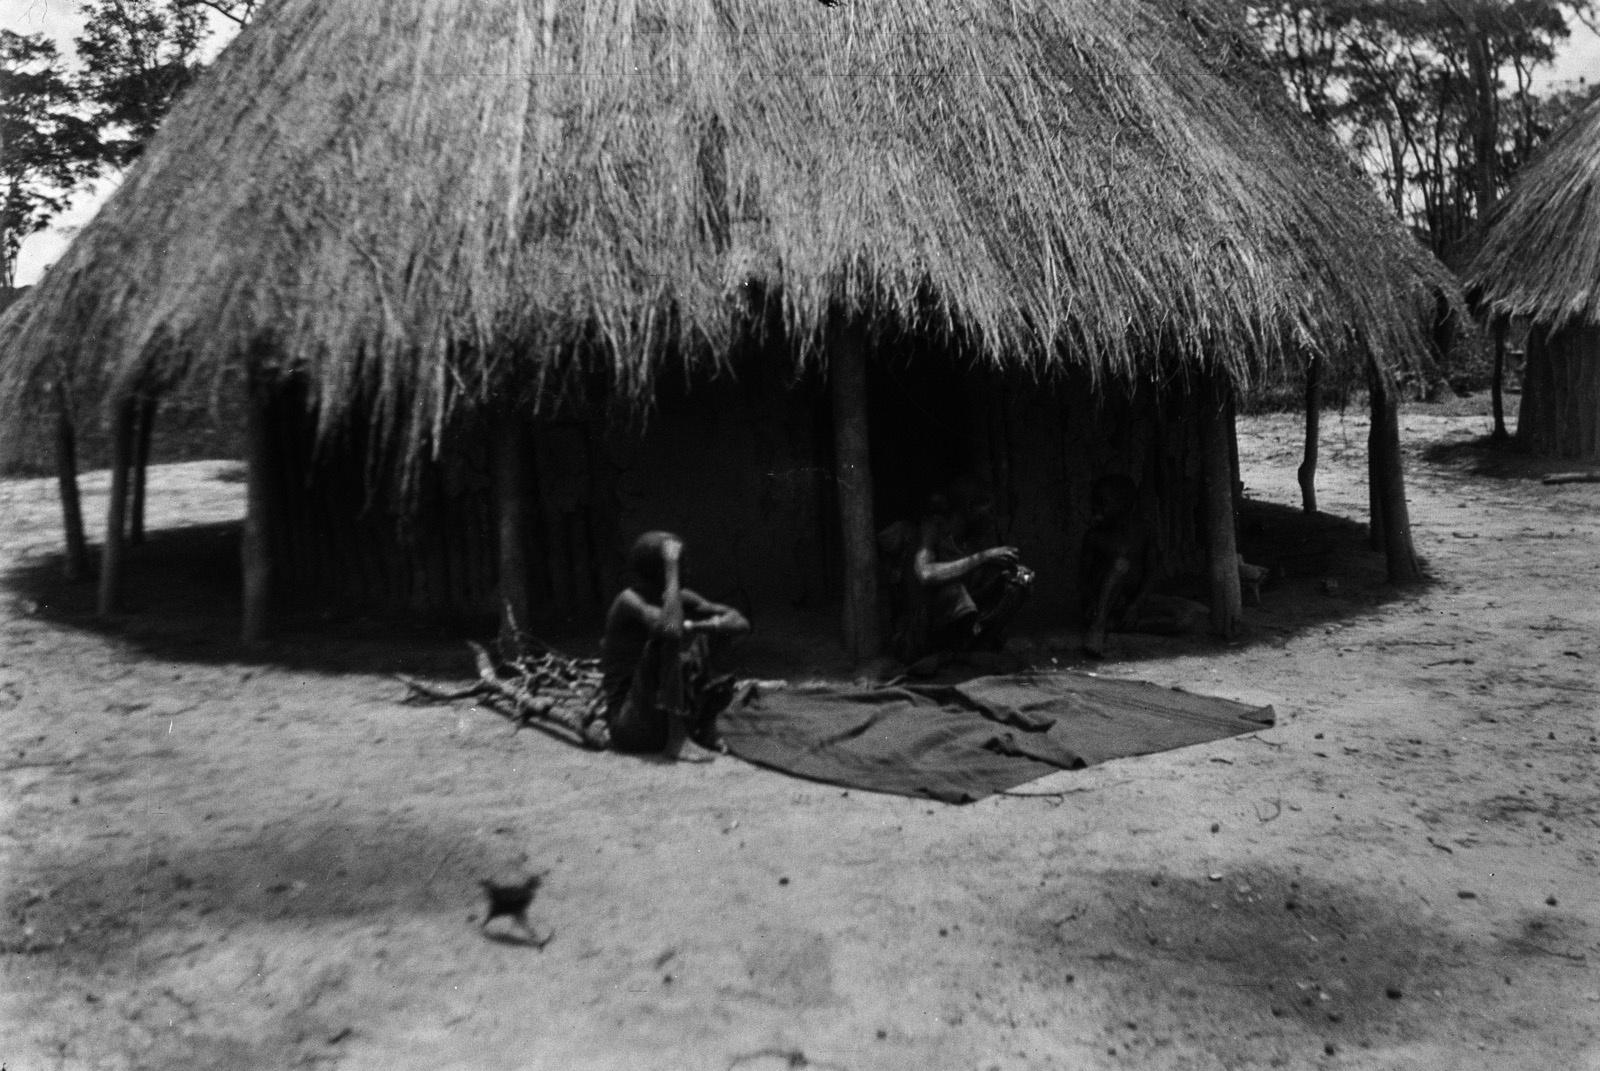 Между Капири Мпоши и рекой Лунсемфва. Деревня чеве. Хозяева возле своей хижины